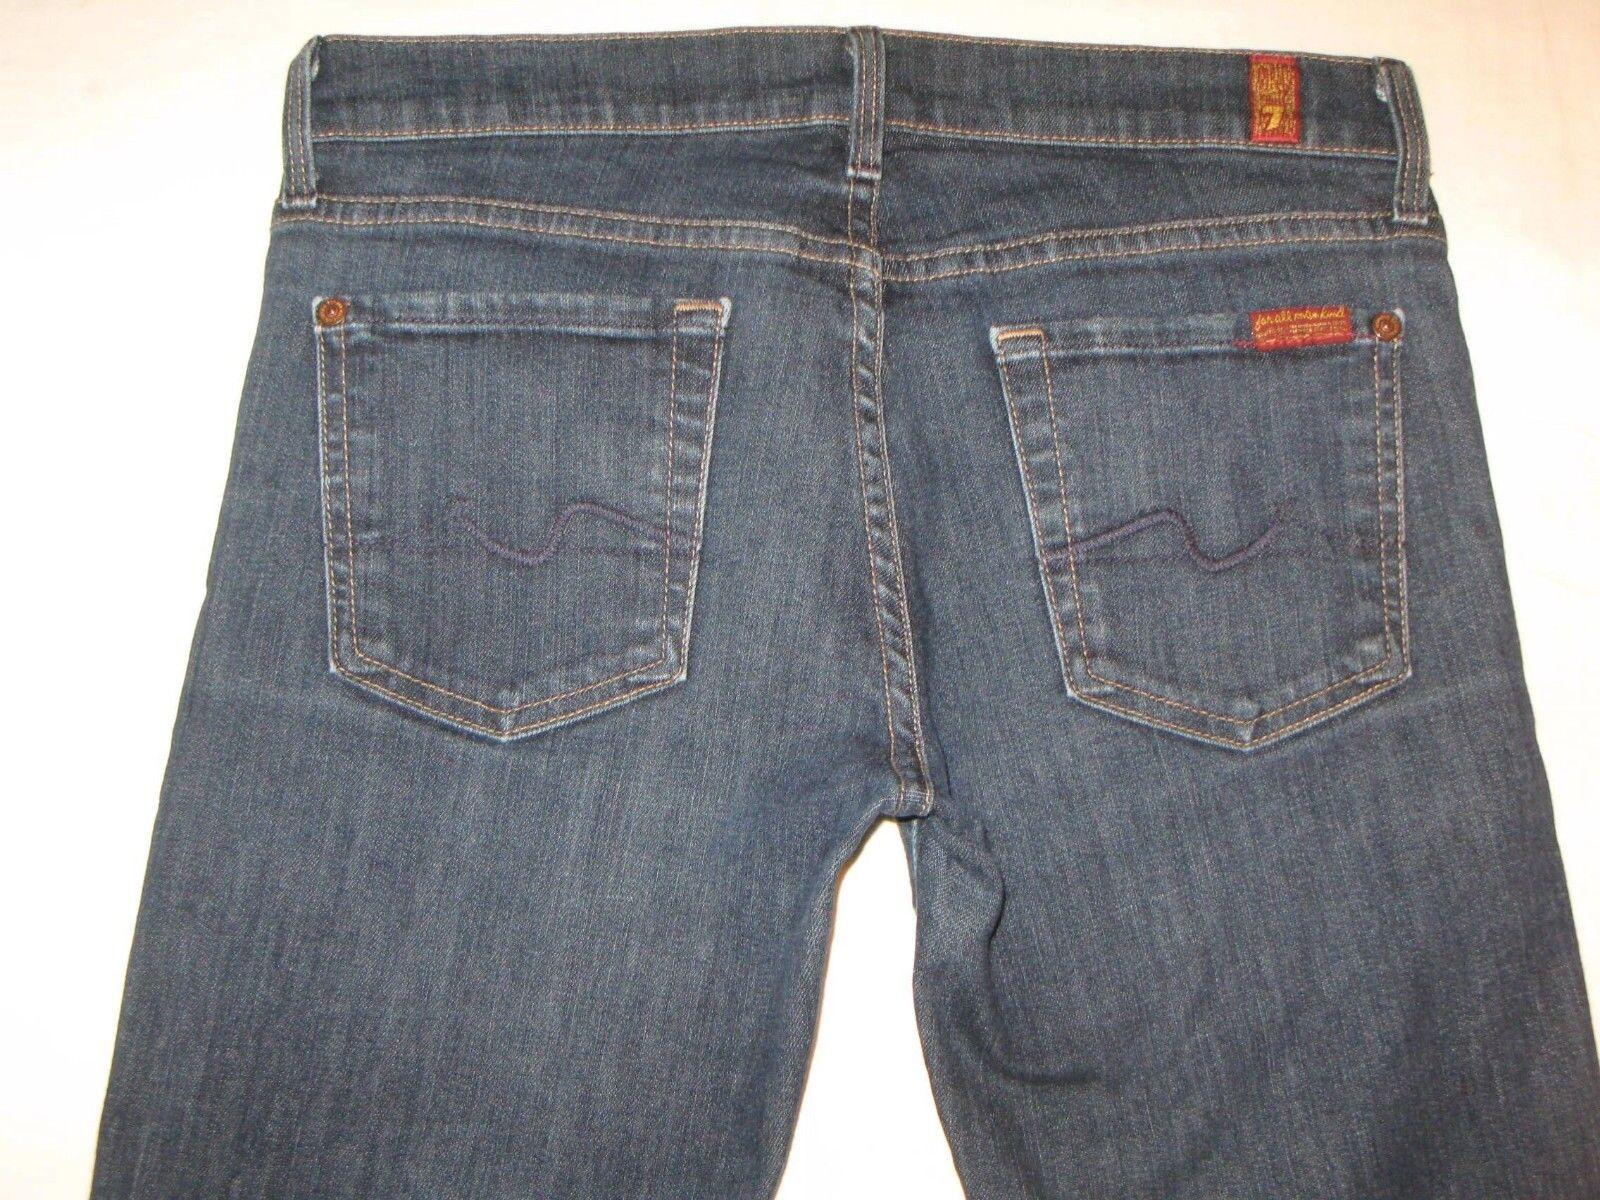 7 For All Mankind Womens Straight Leg Jeans Sz 26 Dark Distressed (Run Big)